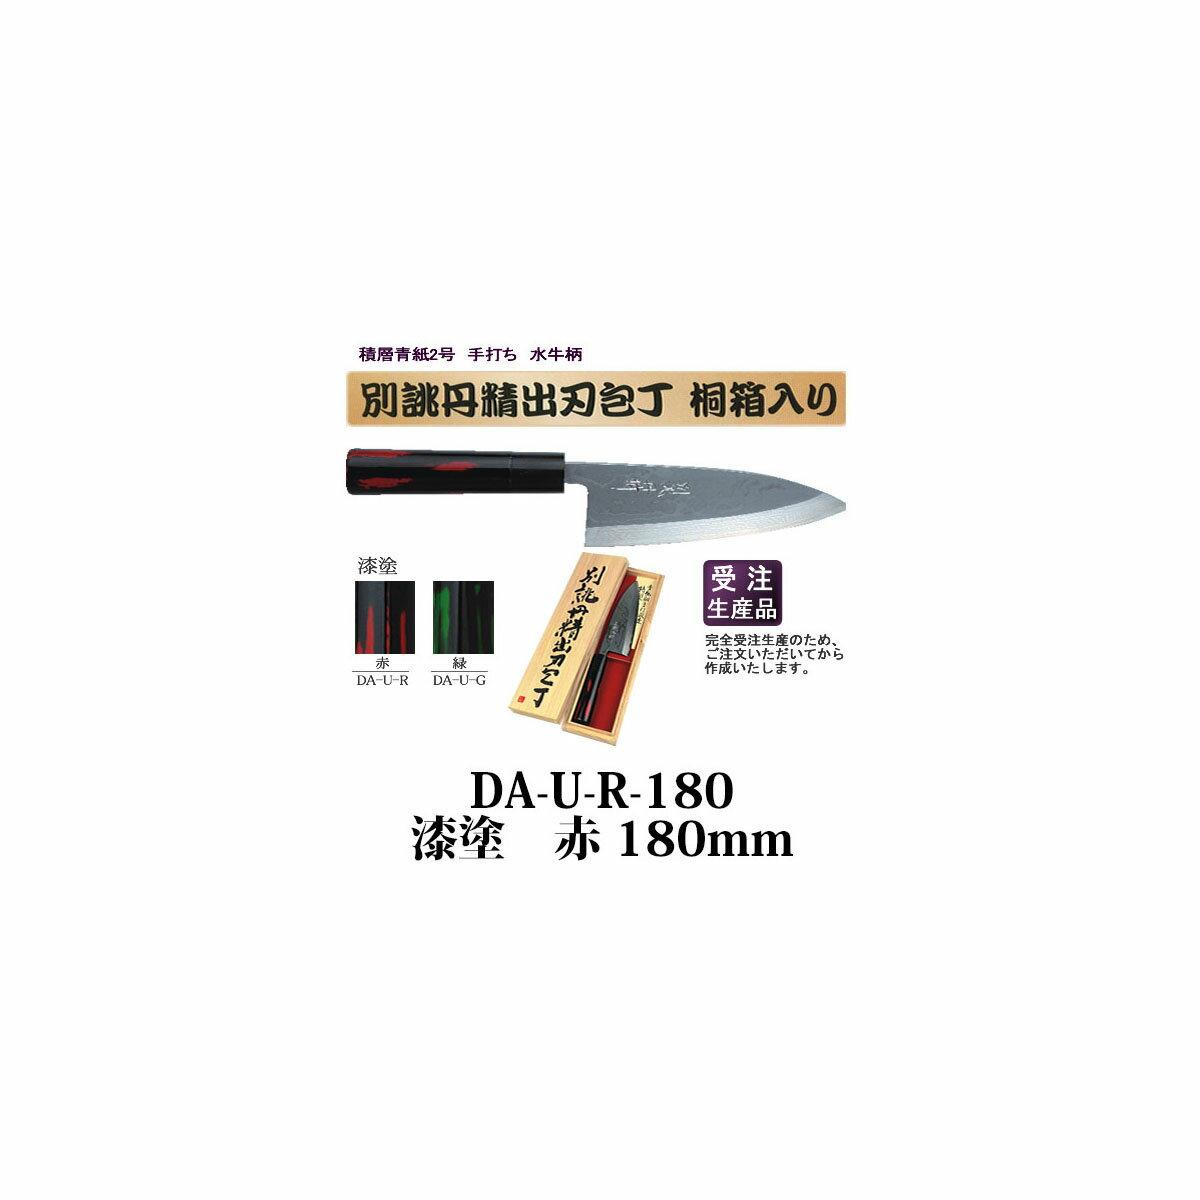 四ツ目 出刃包丁 積層青紙2号手打ち 水牛柄180mm 漆塗 赤 DA-U-R-180 藤田丸鋸工業